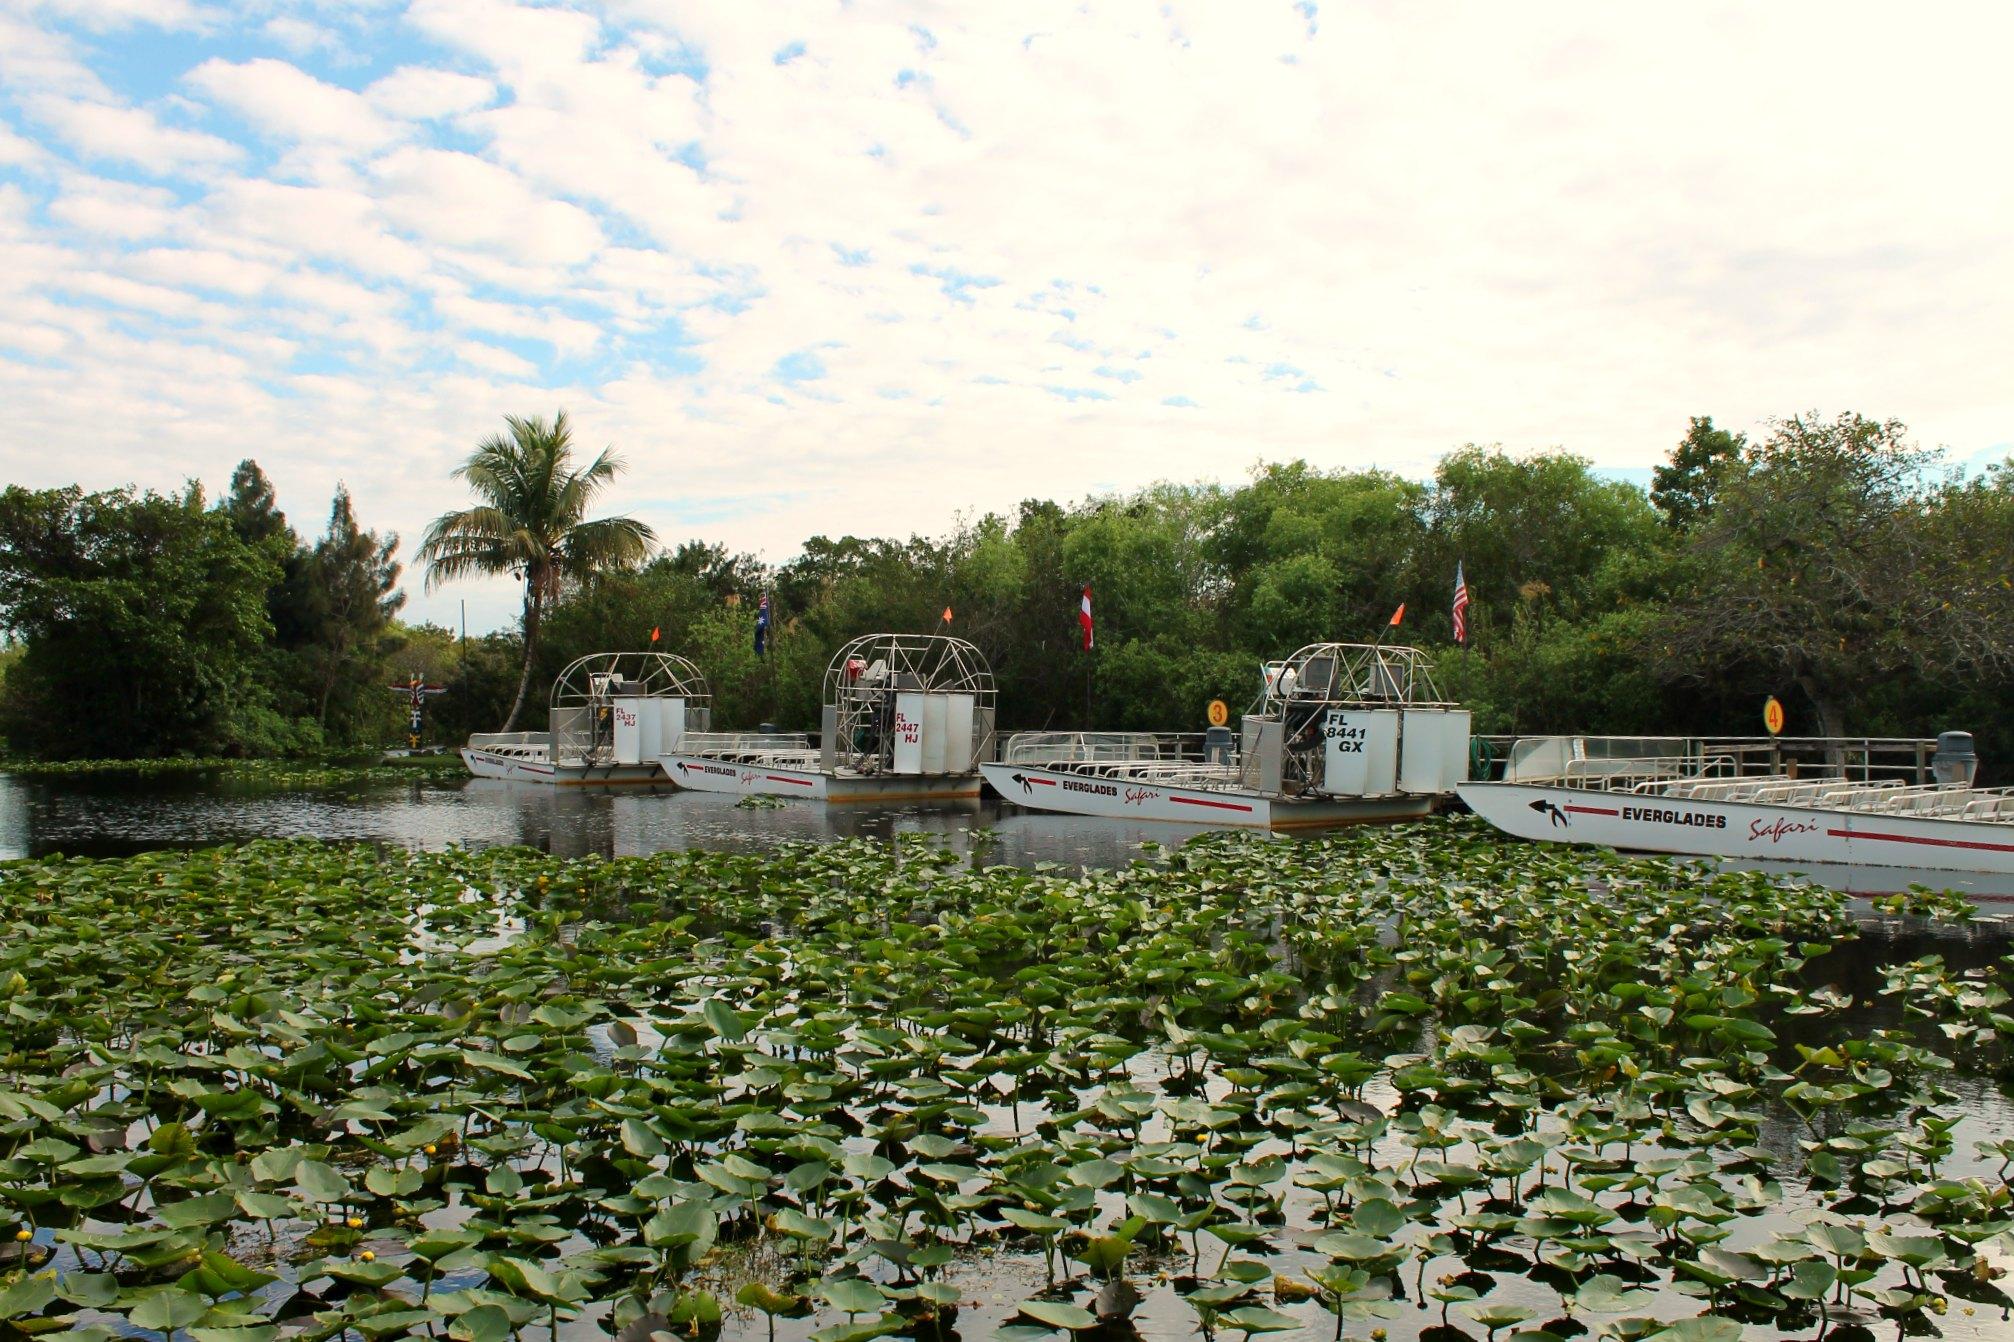 Everglades pensieriinviaggio4